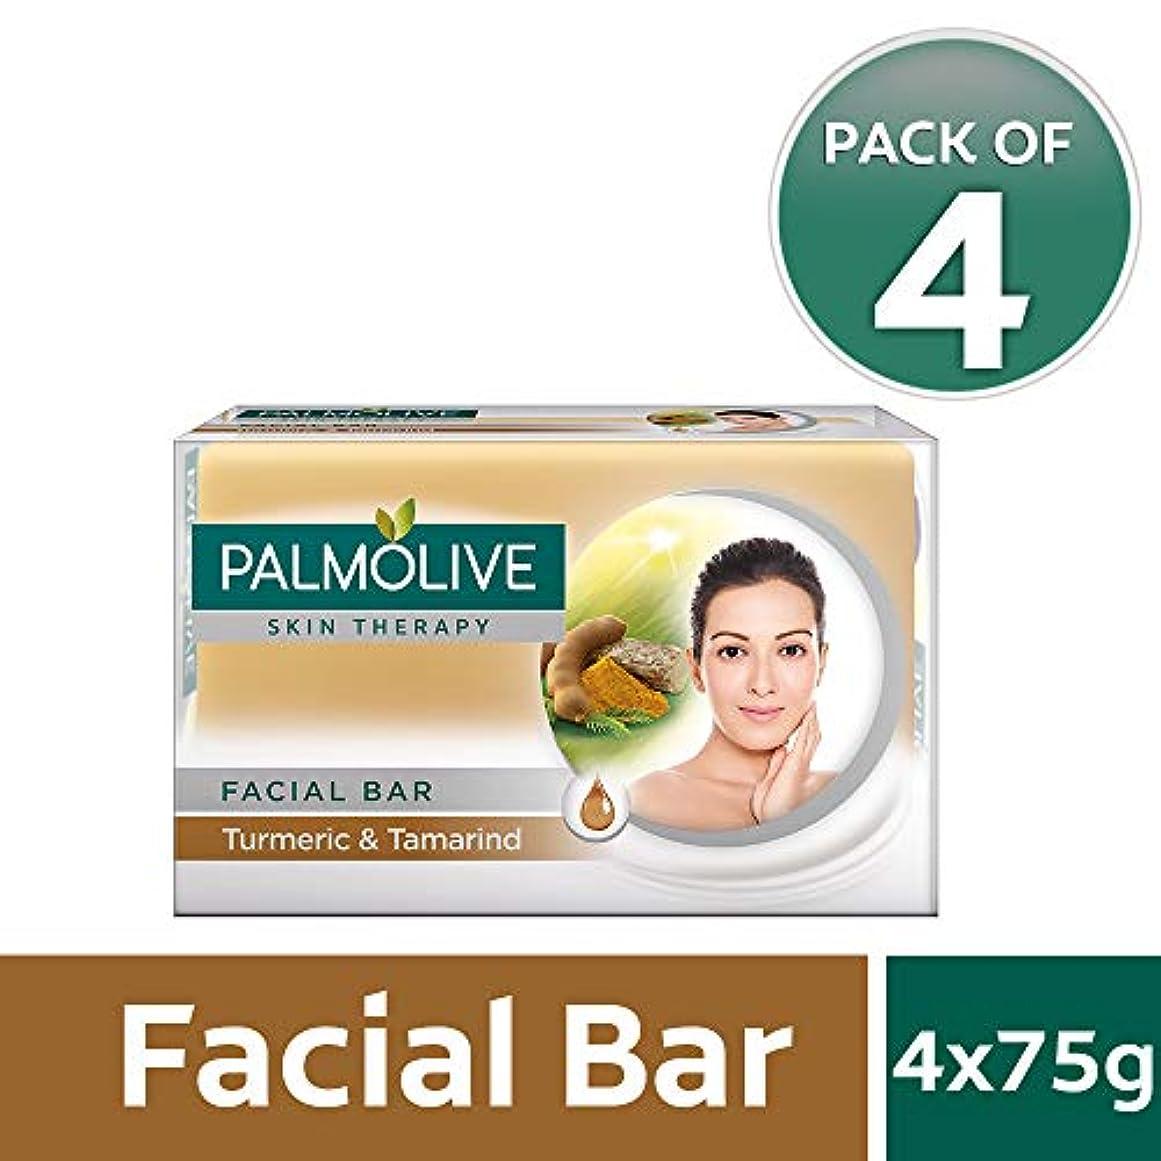 テレビ調整するPalmolive Skin Therapy Facial Bar Soap with Turmeric and Tamarind - 75g (Pack of 4)